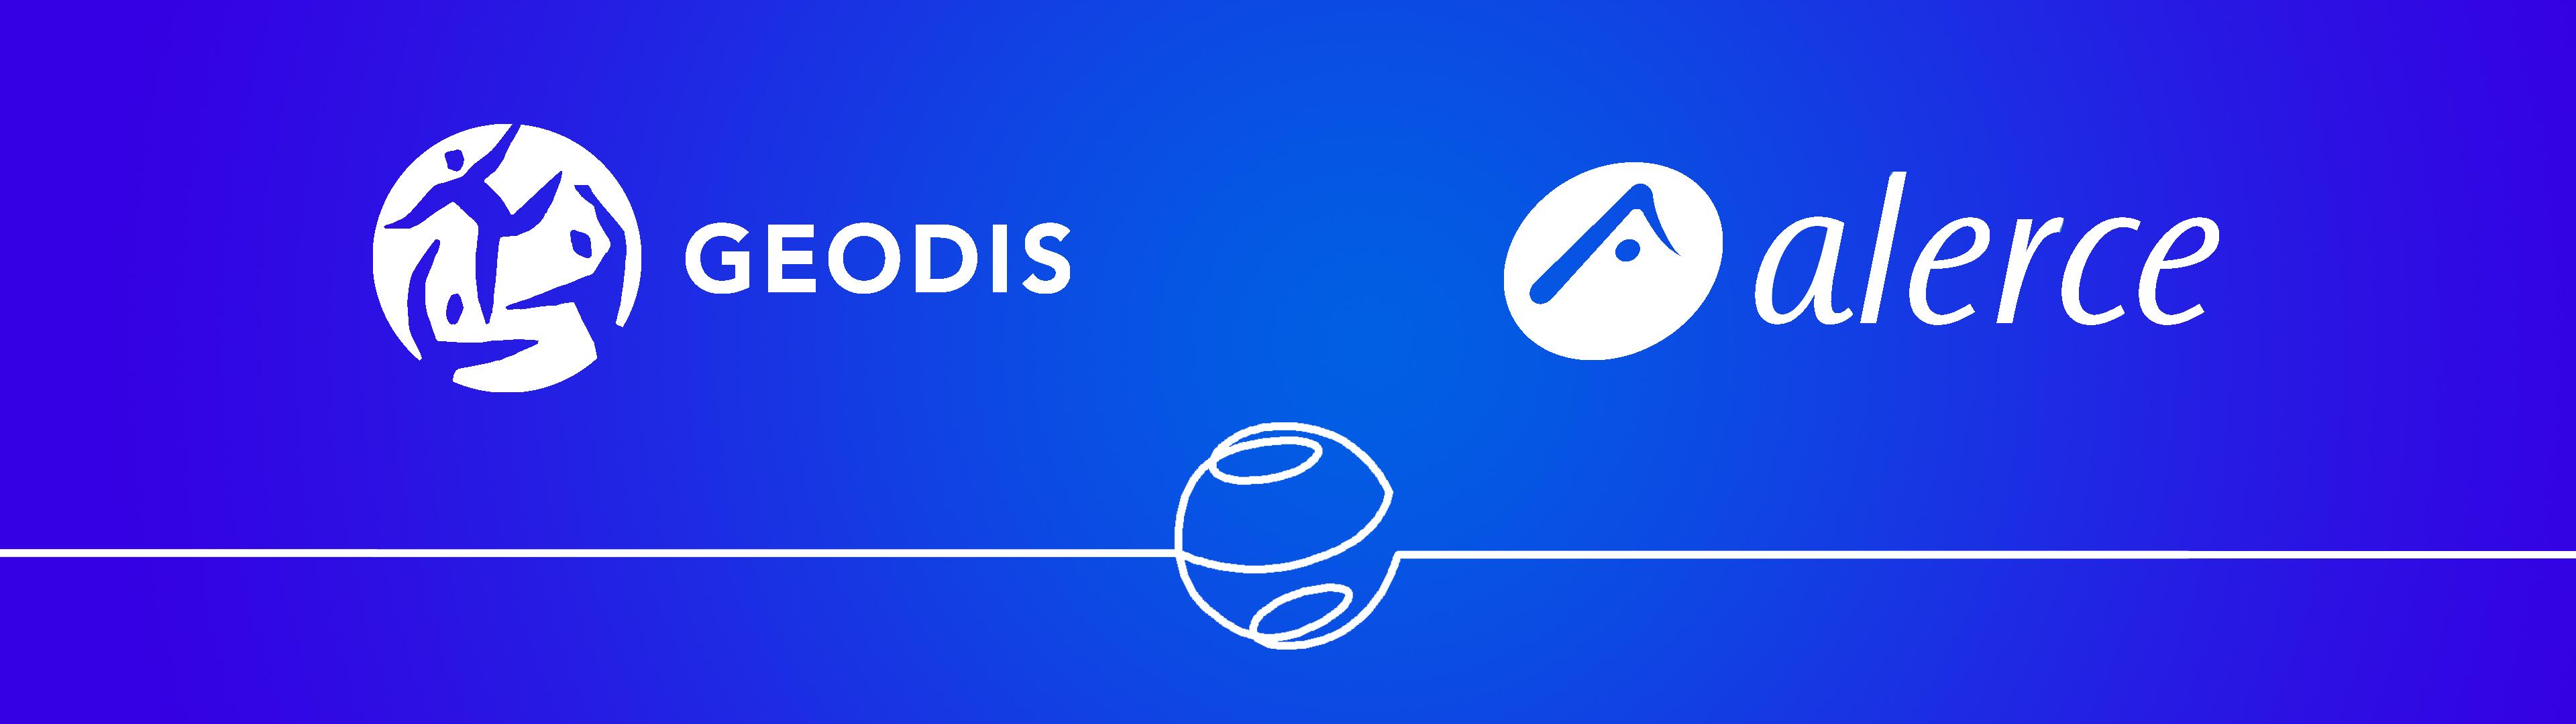 Geodis implanta su nuevo TMS  y refuerza la eficacia de su distribución